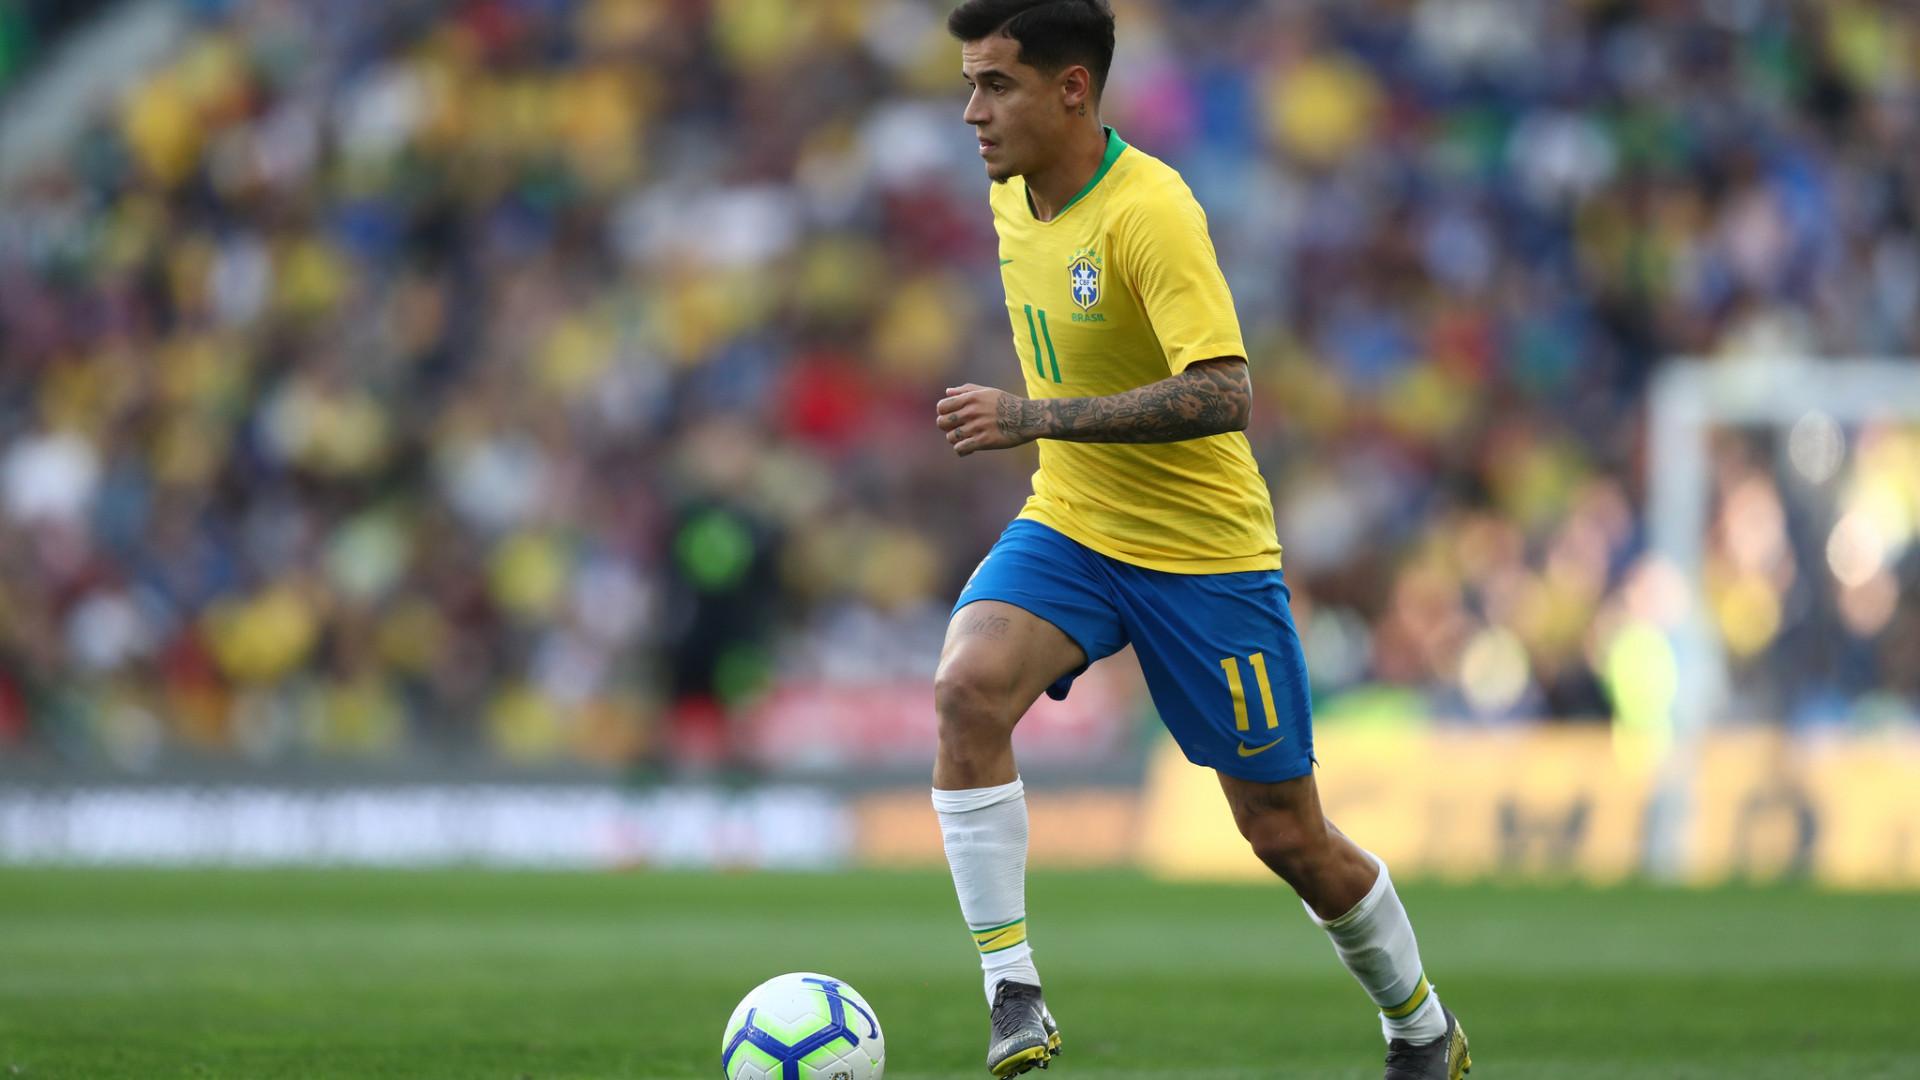 Seleção brasileira aposta em Philippe Coutinho como referência